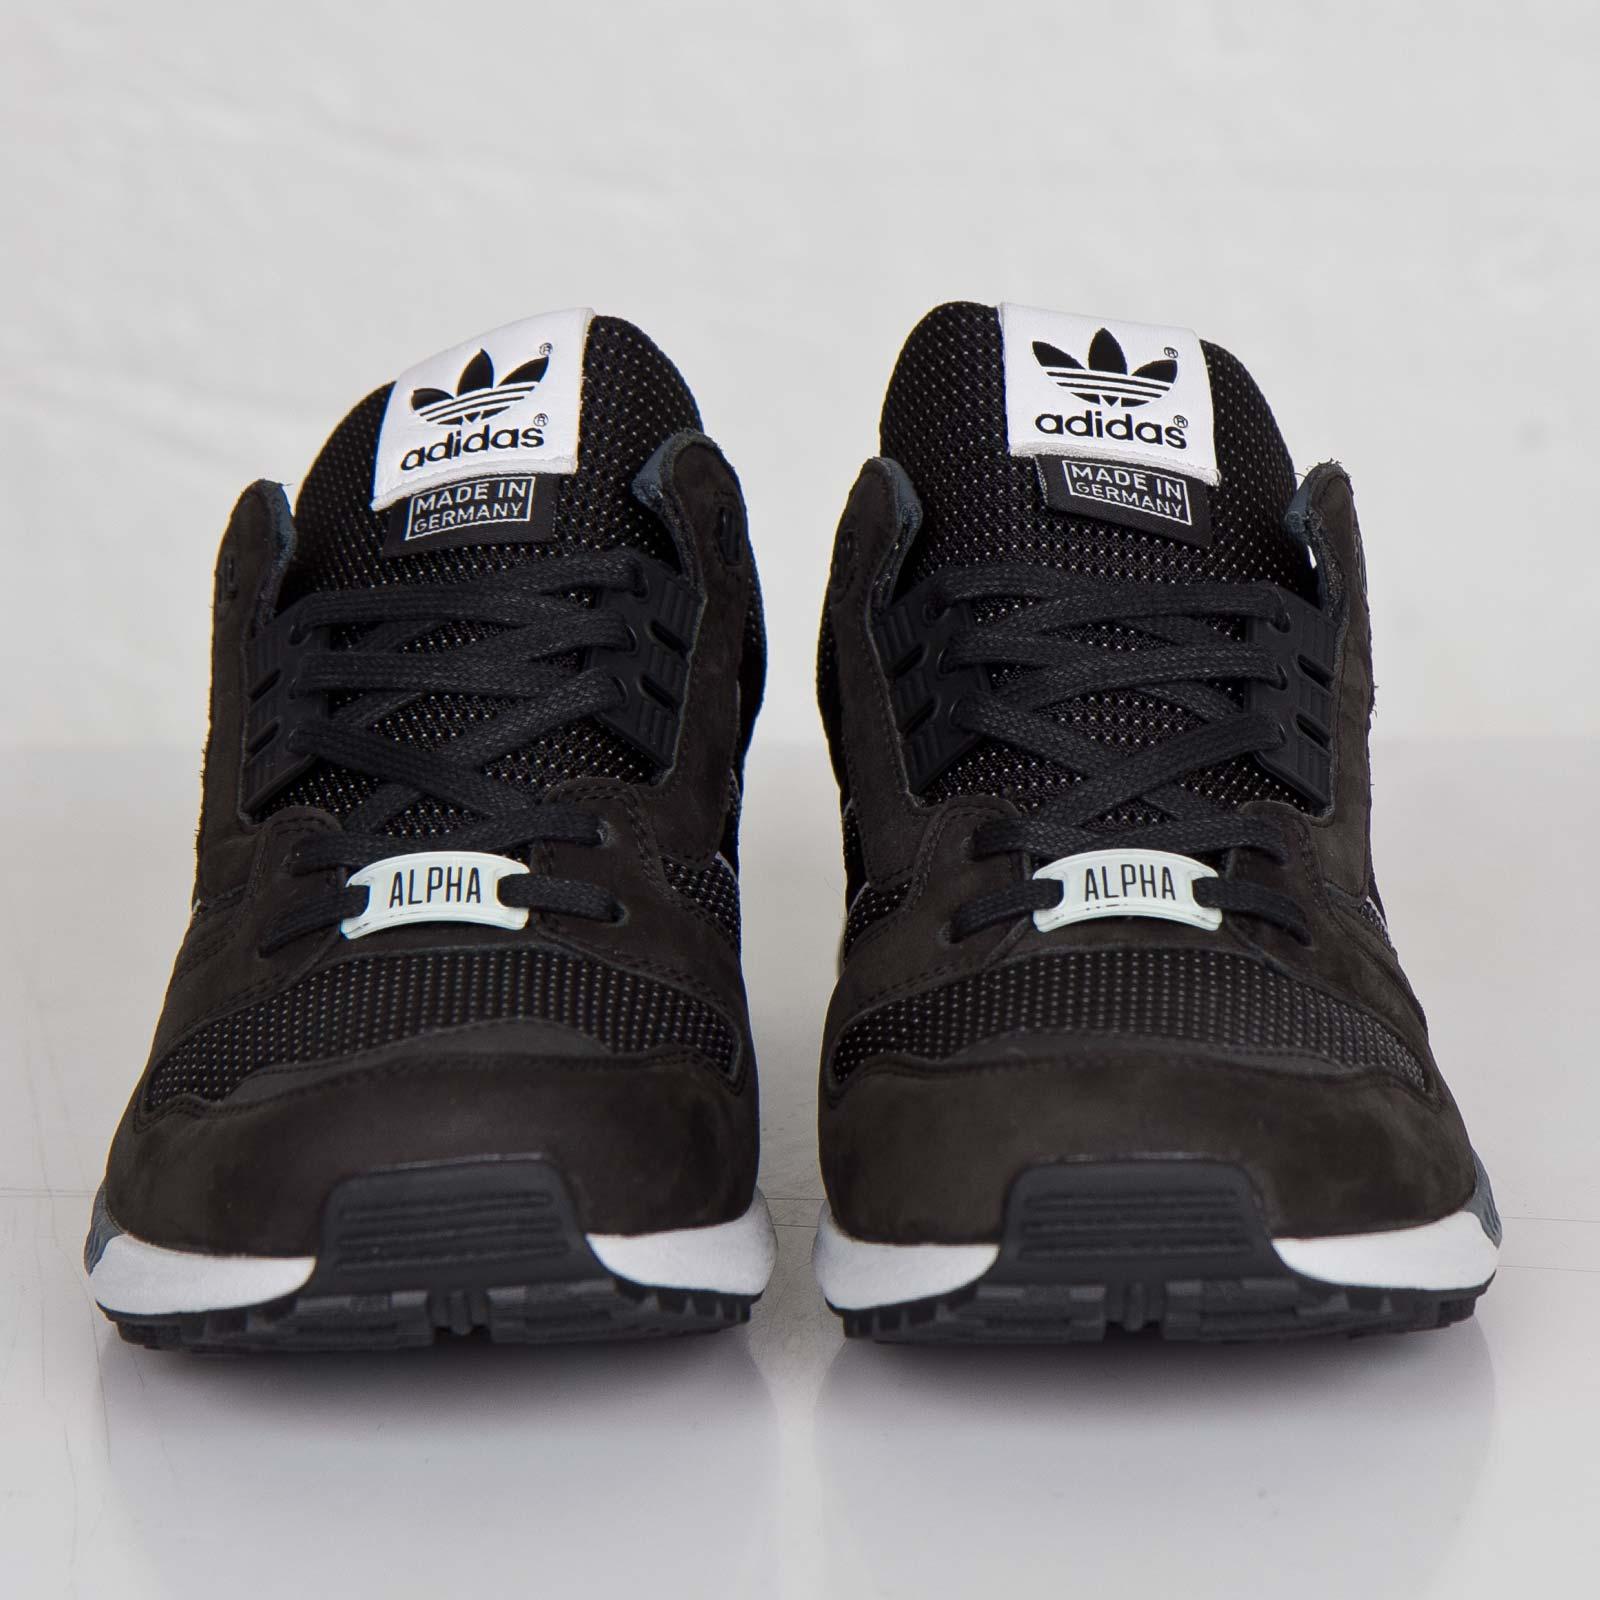 97832fd163167 adidas ZX 8000 ALPHA - M18628 - Sneakersnstuff